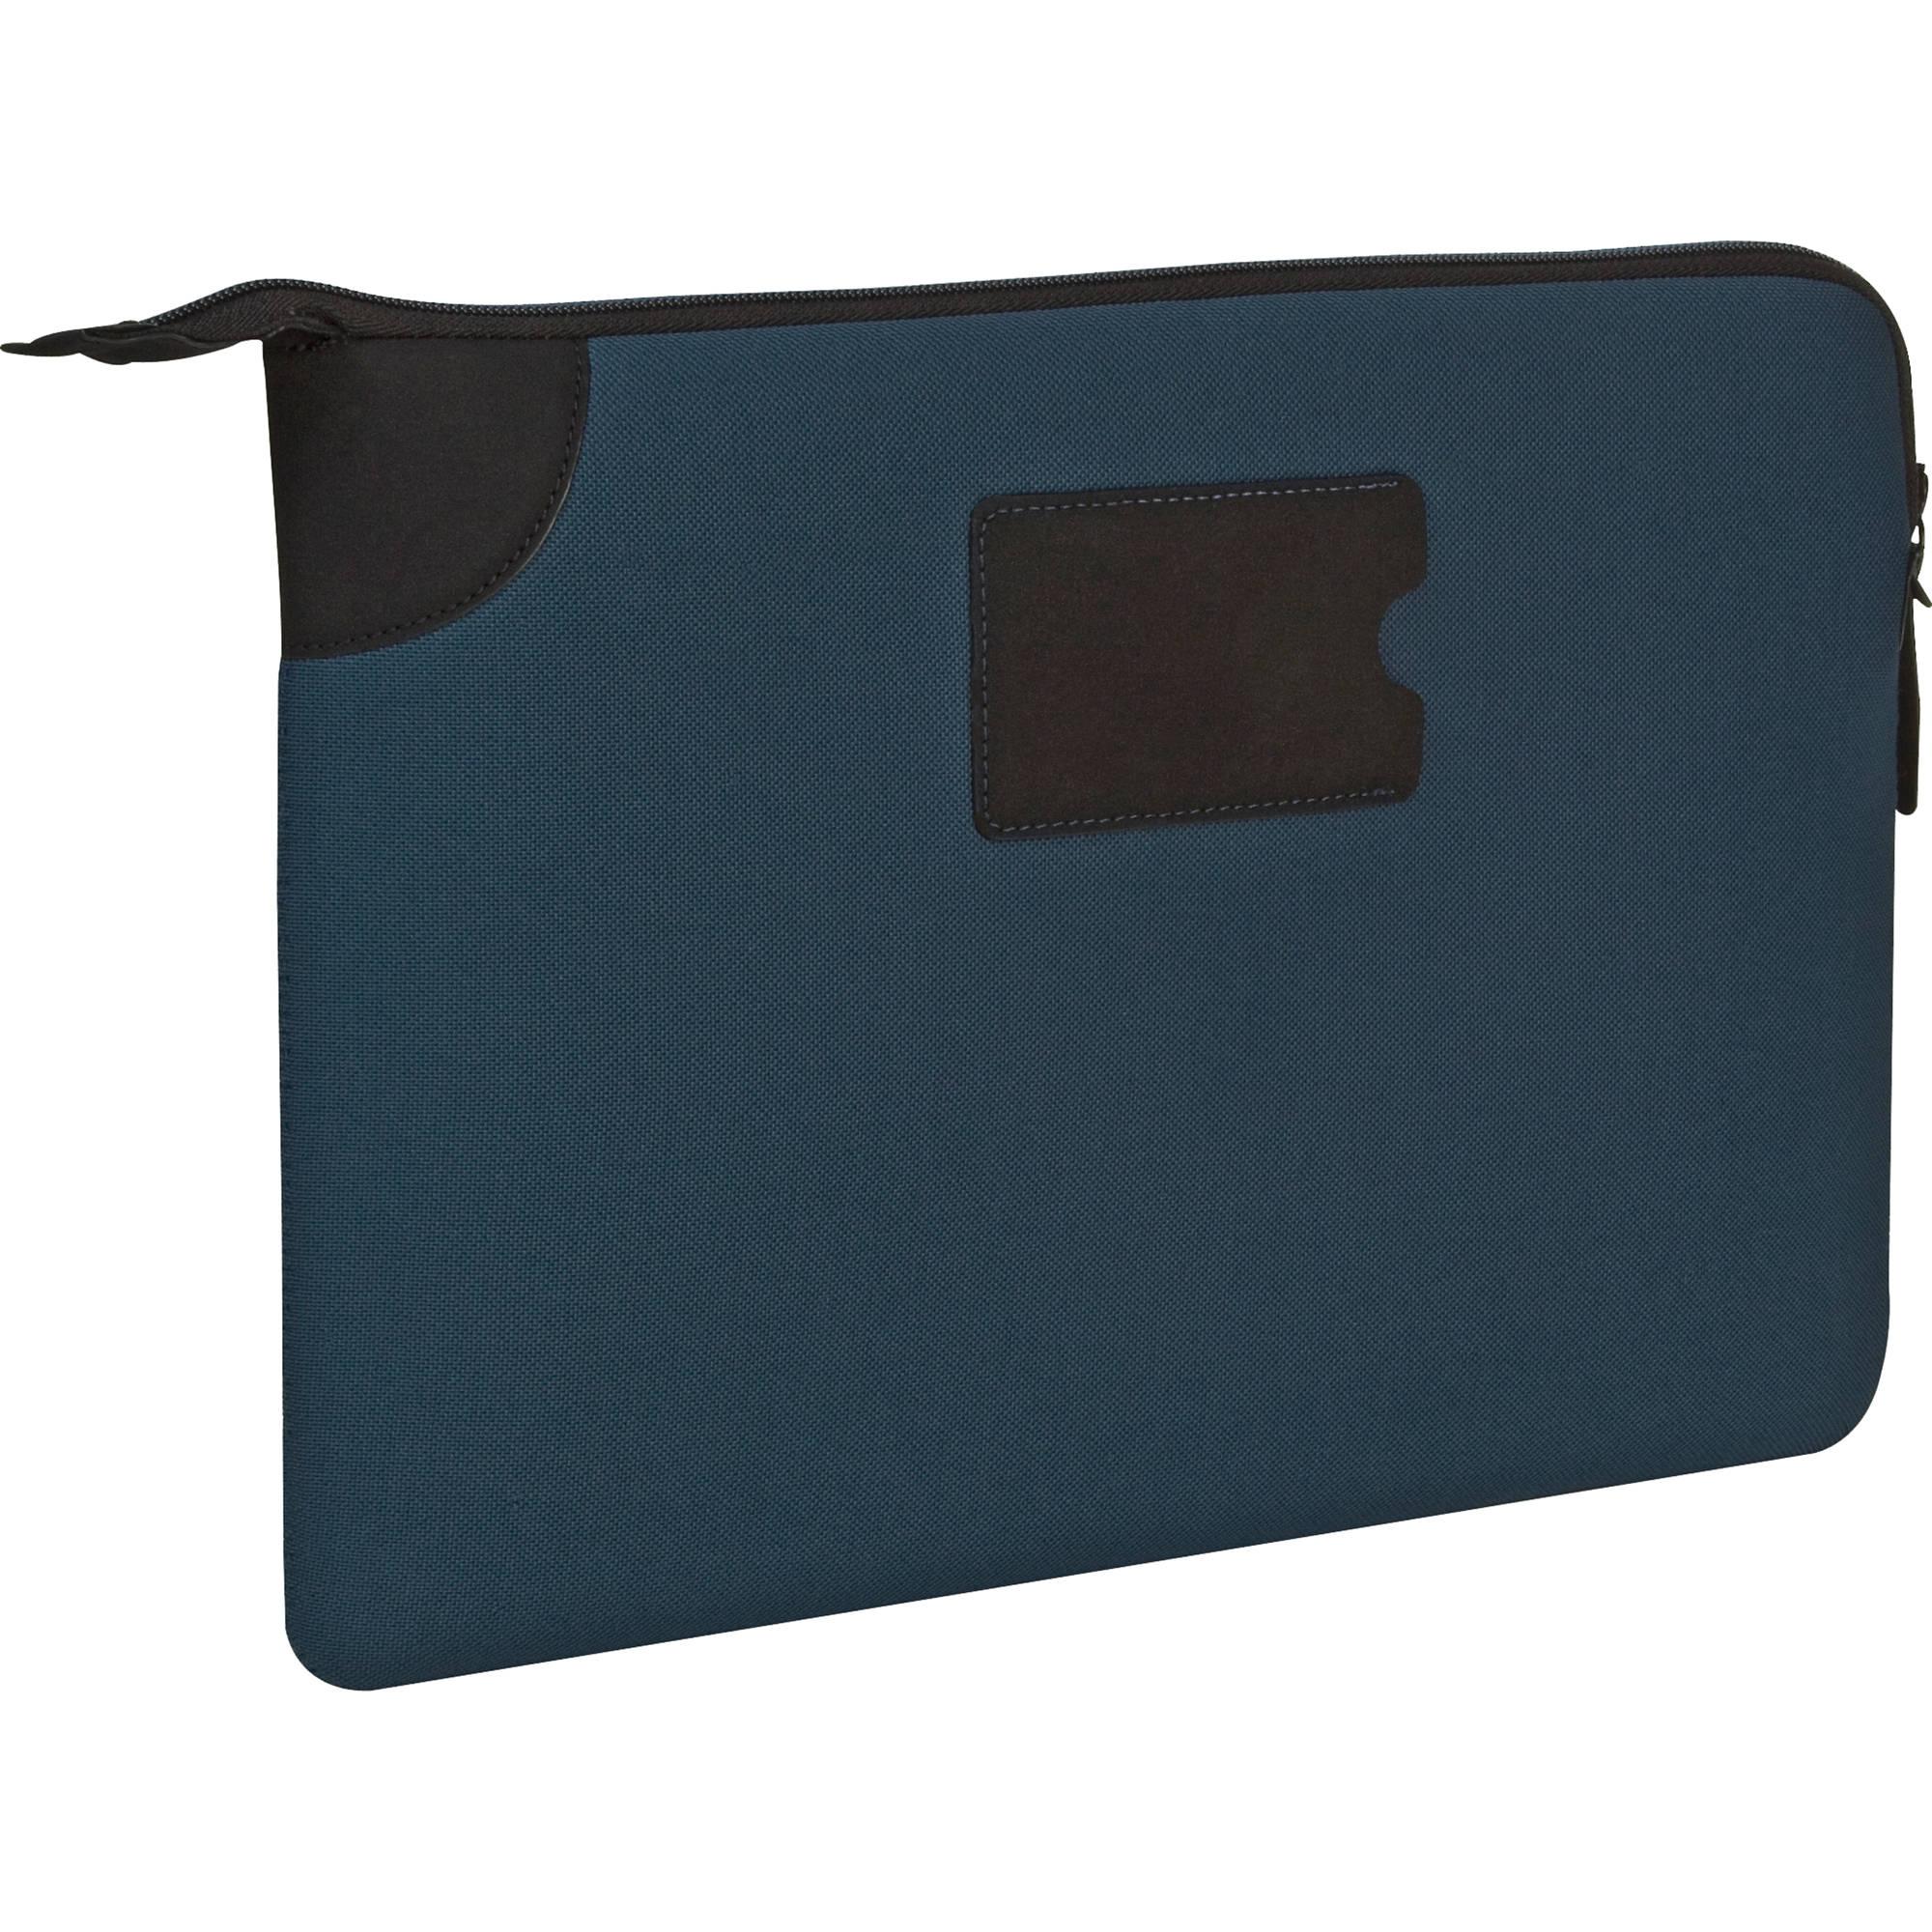 targus 13 banker sleeve for macbook pro blue tss27402us. Black Bedroom Furniture Sets. Home Design Ideas